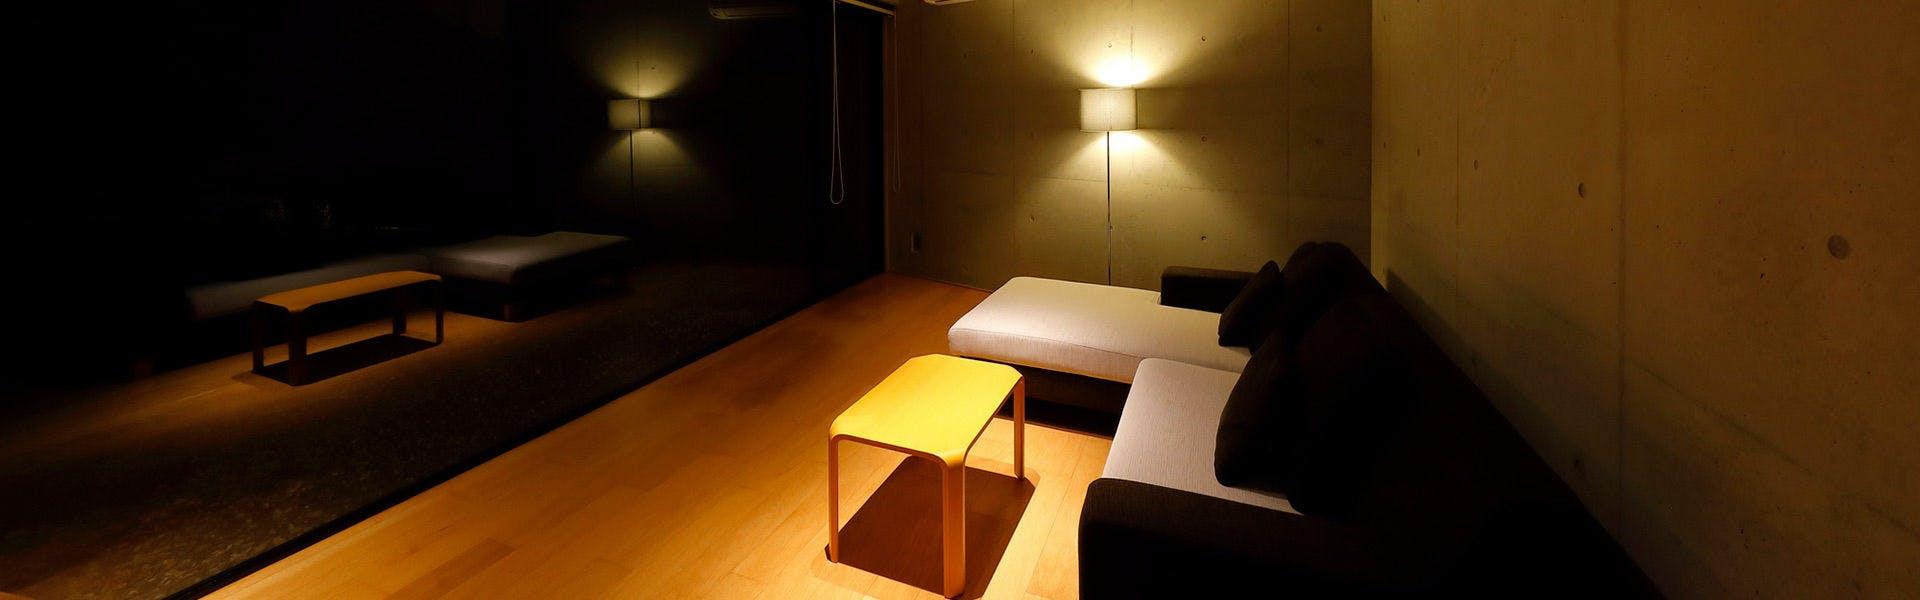 記念日におすすめのホテル・旅館 心乃間間の写真3